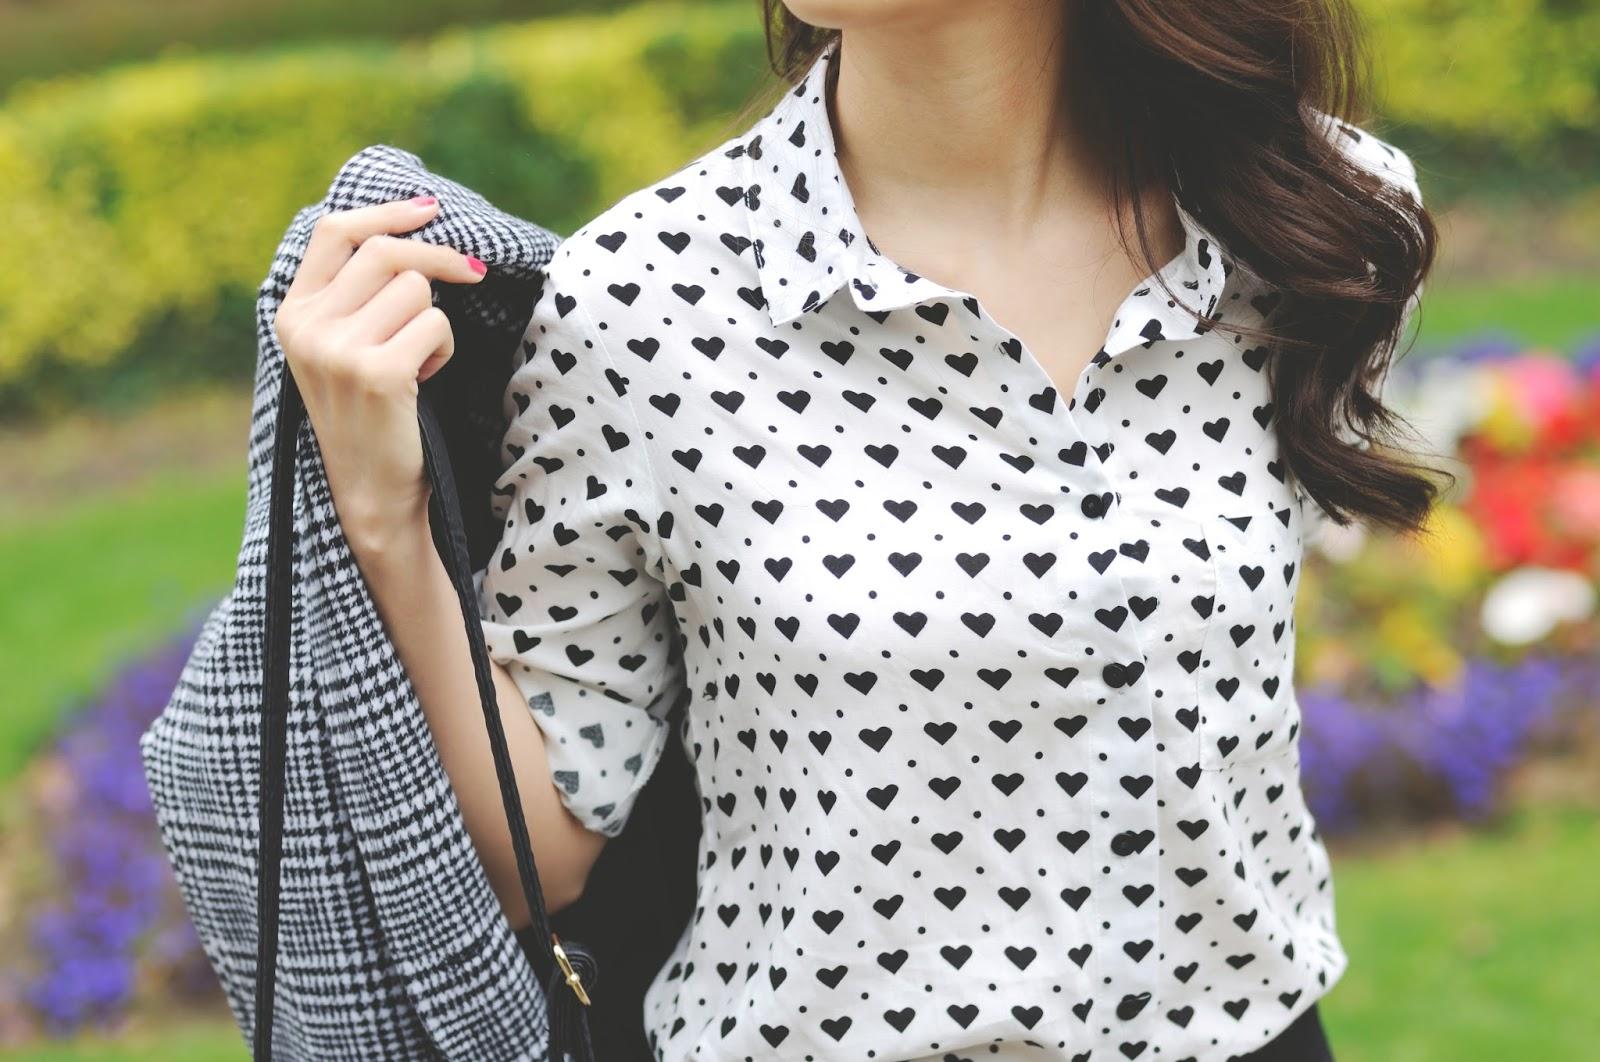 heart print blouse, heart print shirt, heart pattern shirt